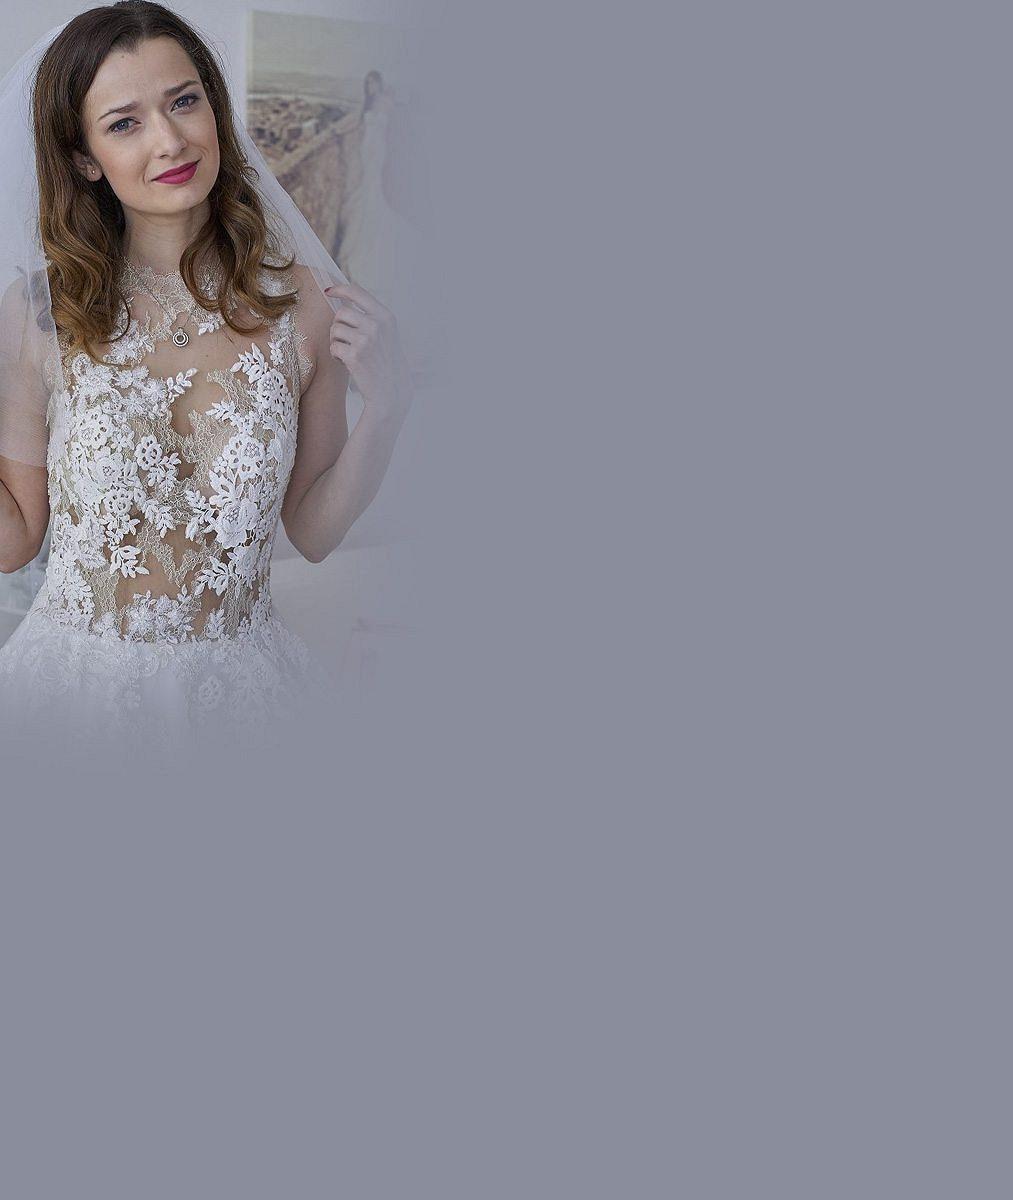 Jégrovky, hřejivé polštářky a sněhule: Na tuhle svatbu Marika Šoposká jen tak nezapomene